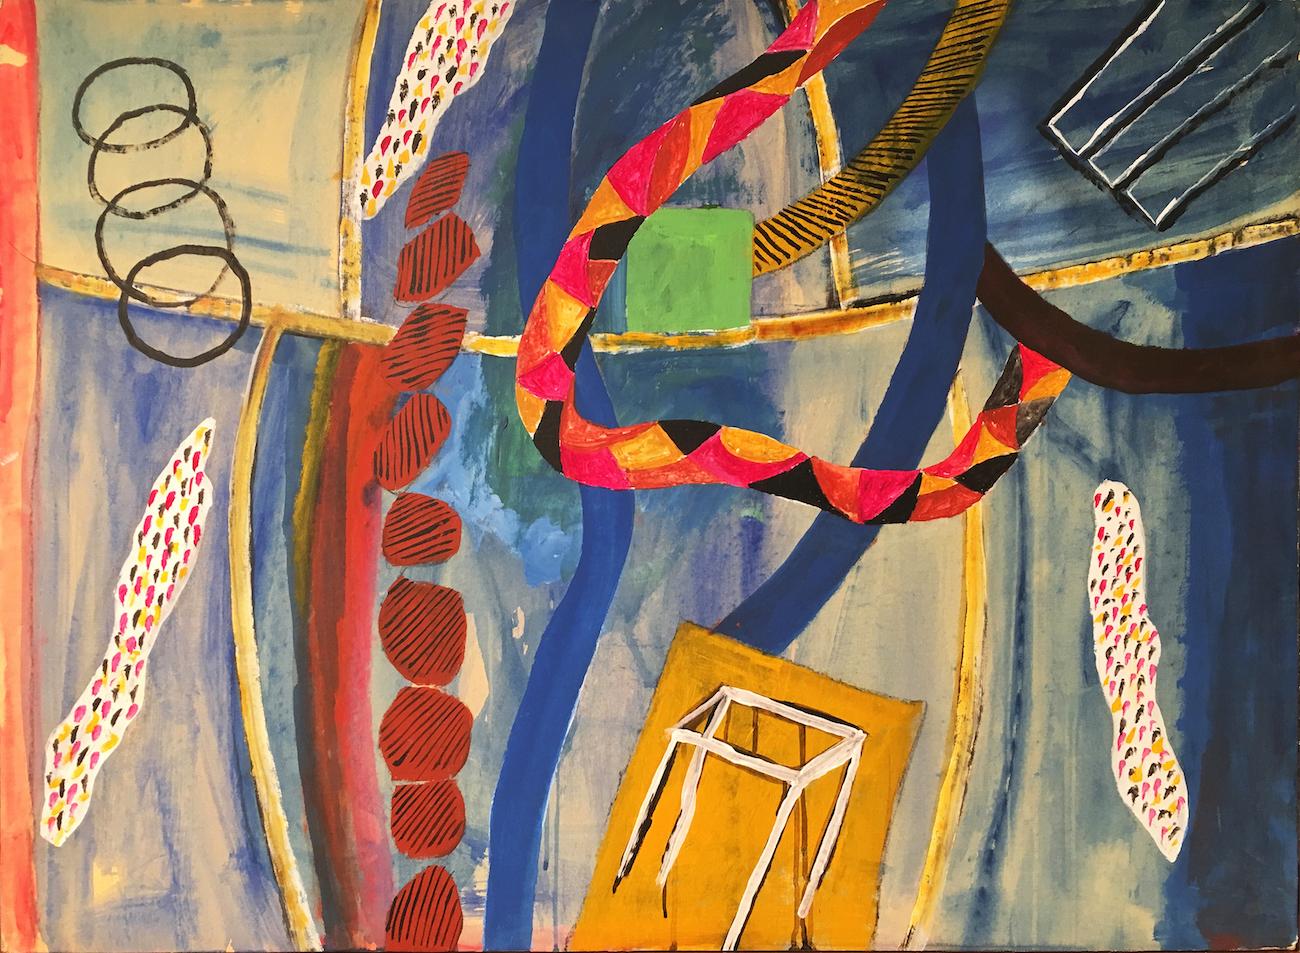 La maga Circe, donazione dell'opera di Ignazio Moncada alla collezione permanente del Museo Civico di Castelbuono